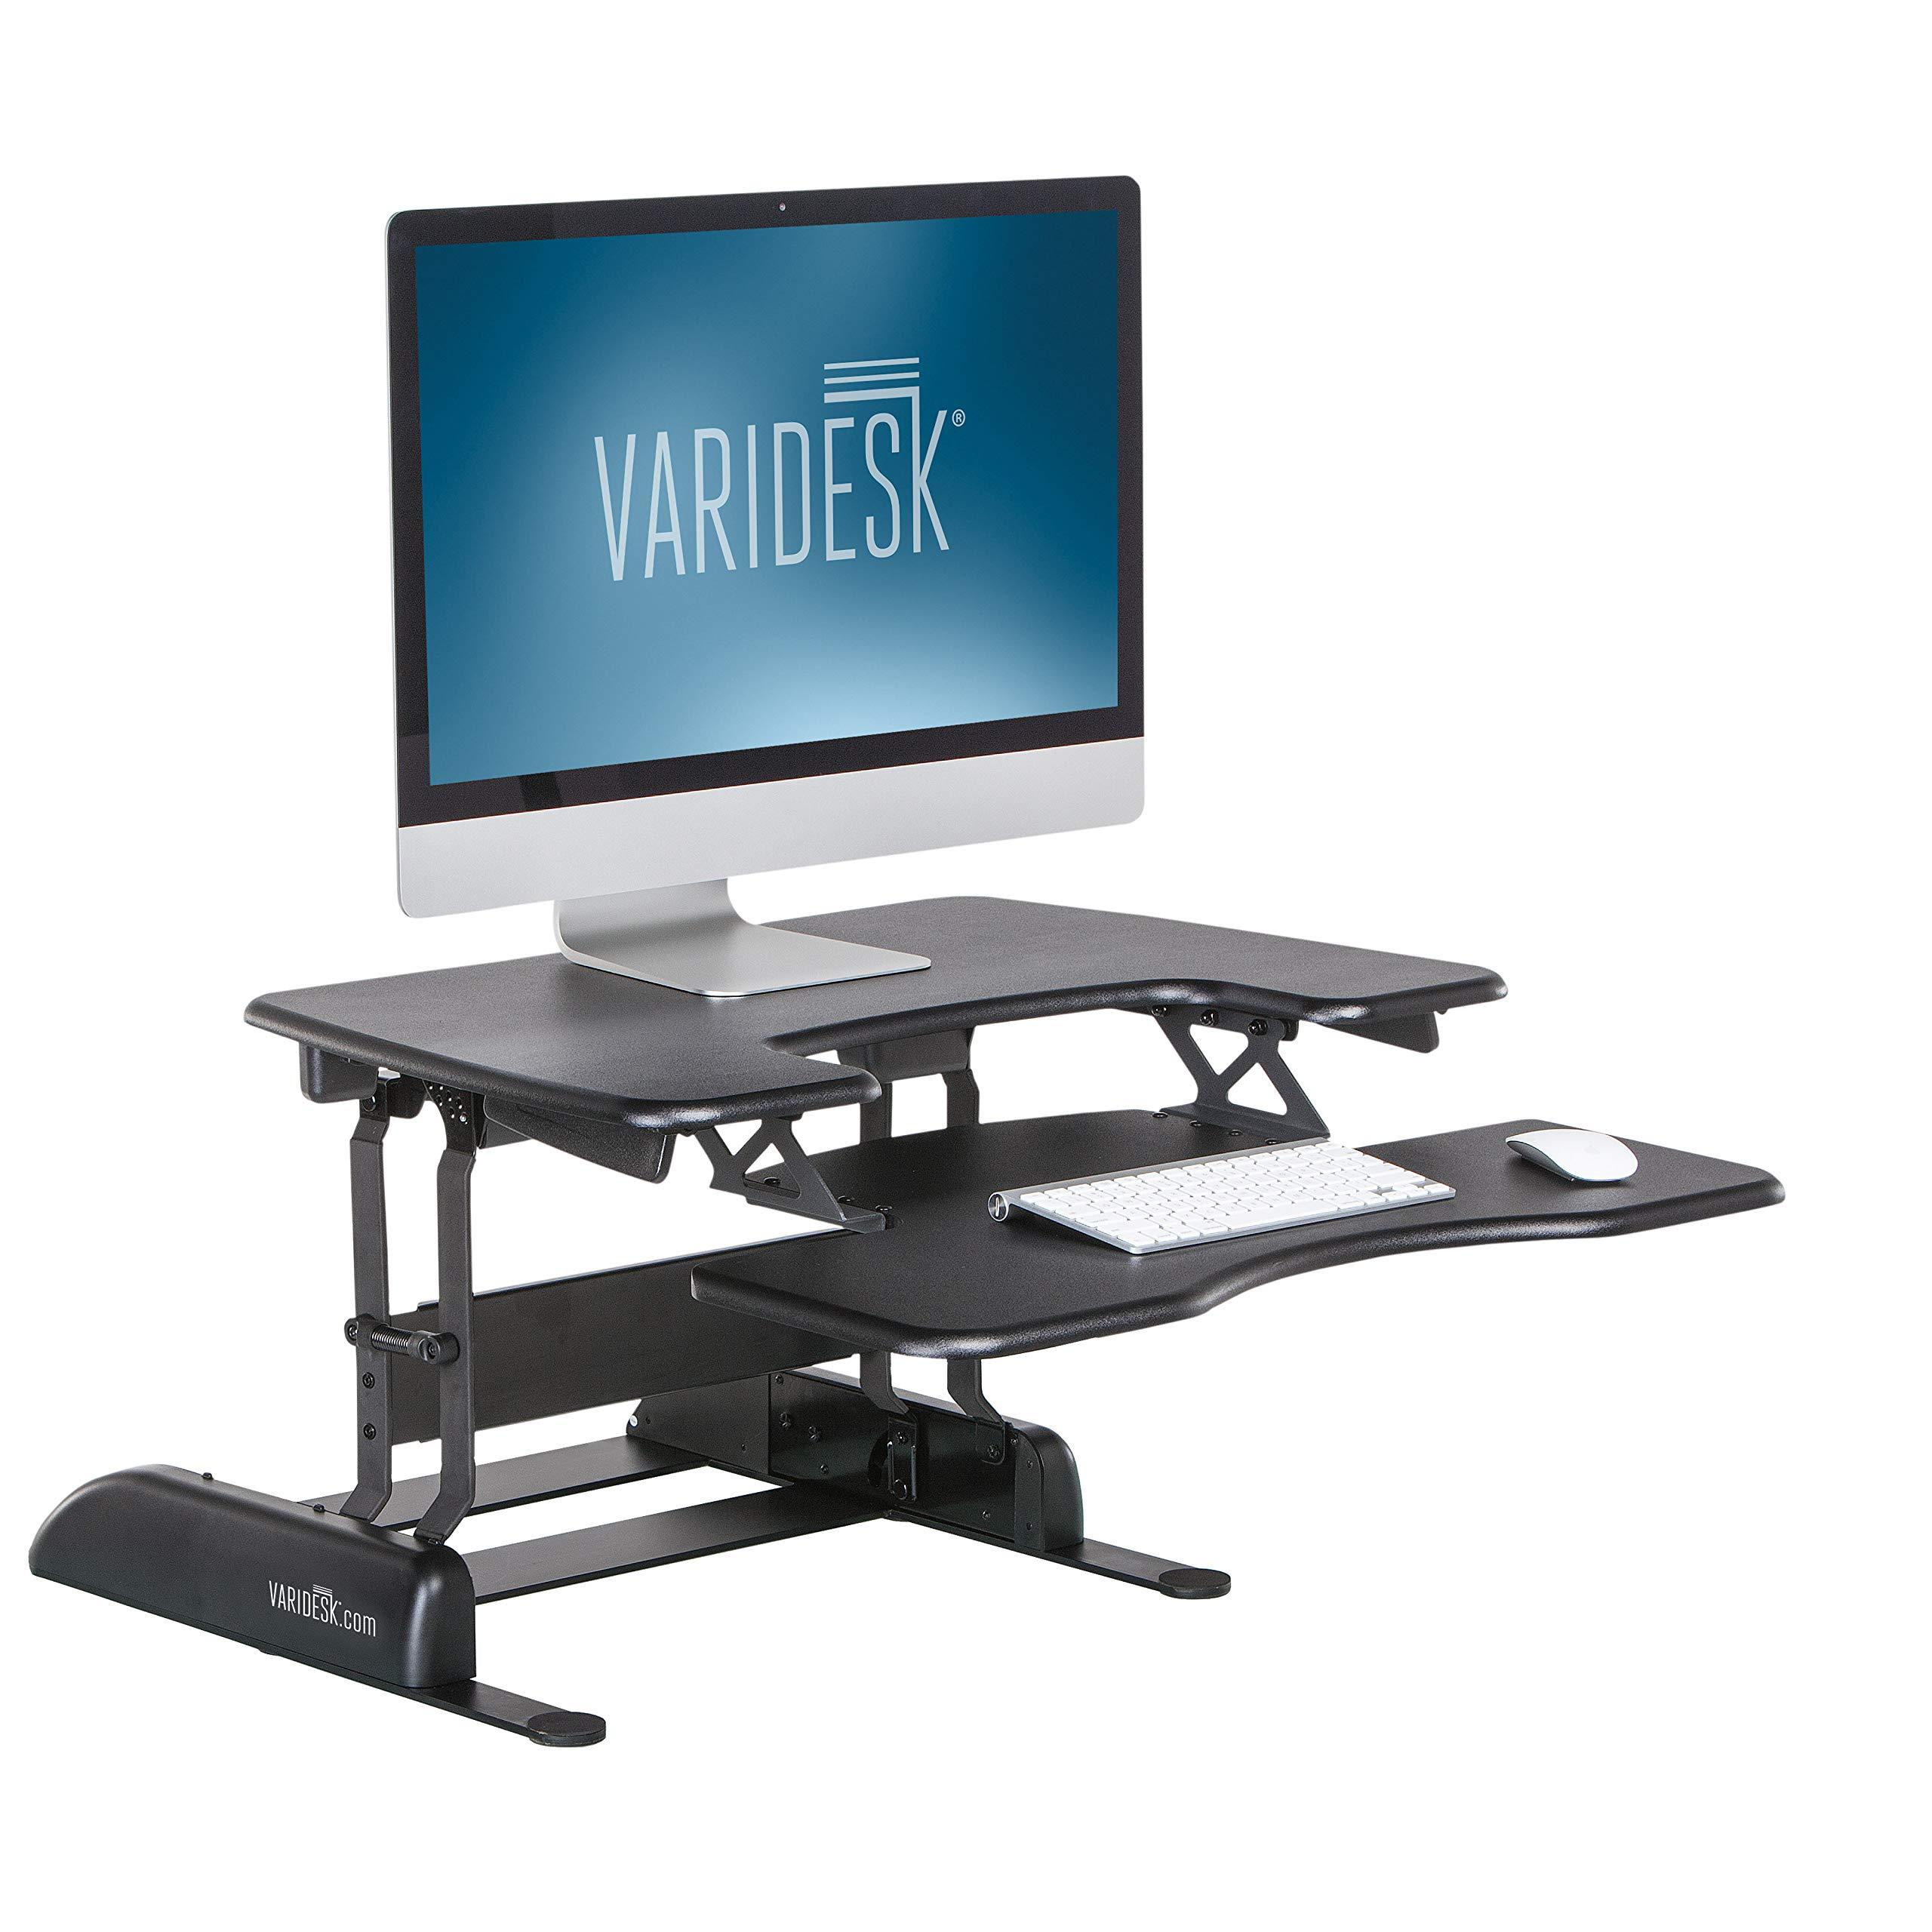 VARIDESK - Height-Adjustable Standing Desk - ProPlus 30 by VARIDESK